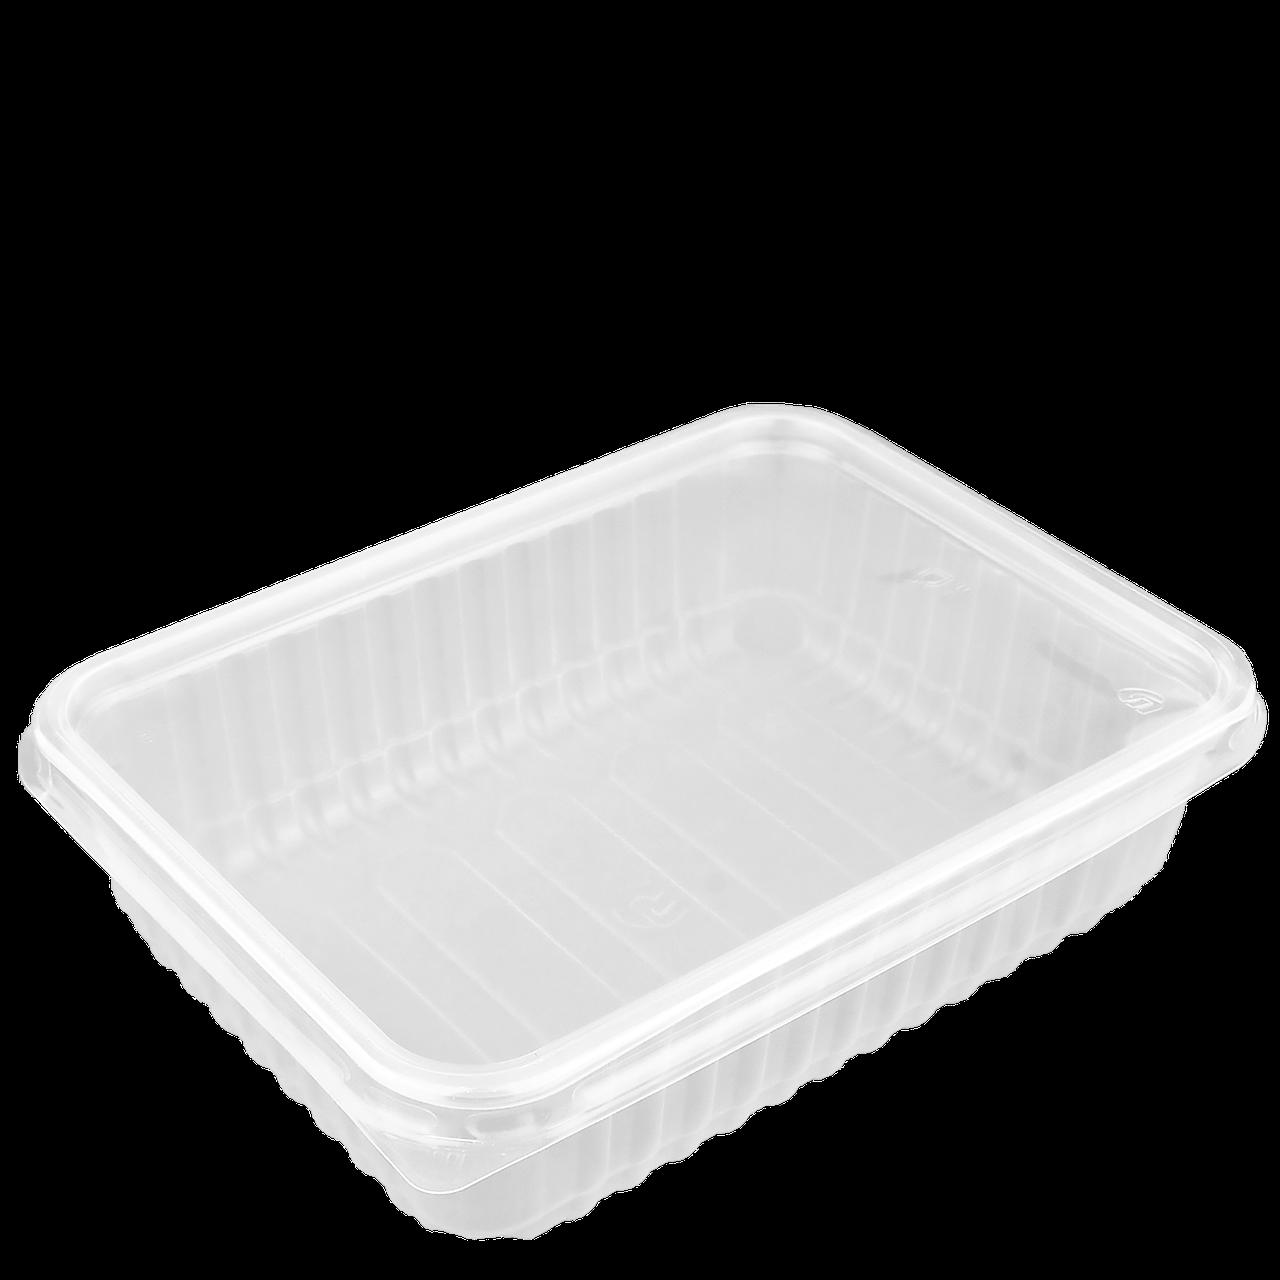 Контейнер с крышкой для еды 750 мл прозрачный